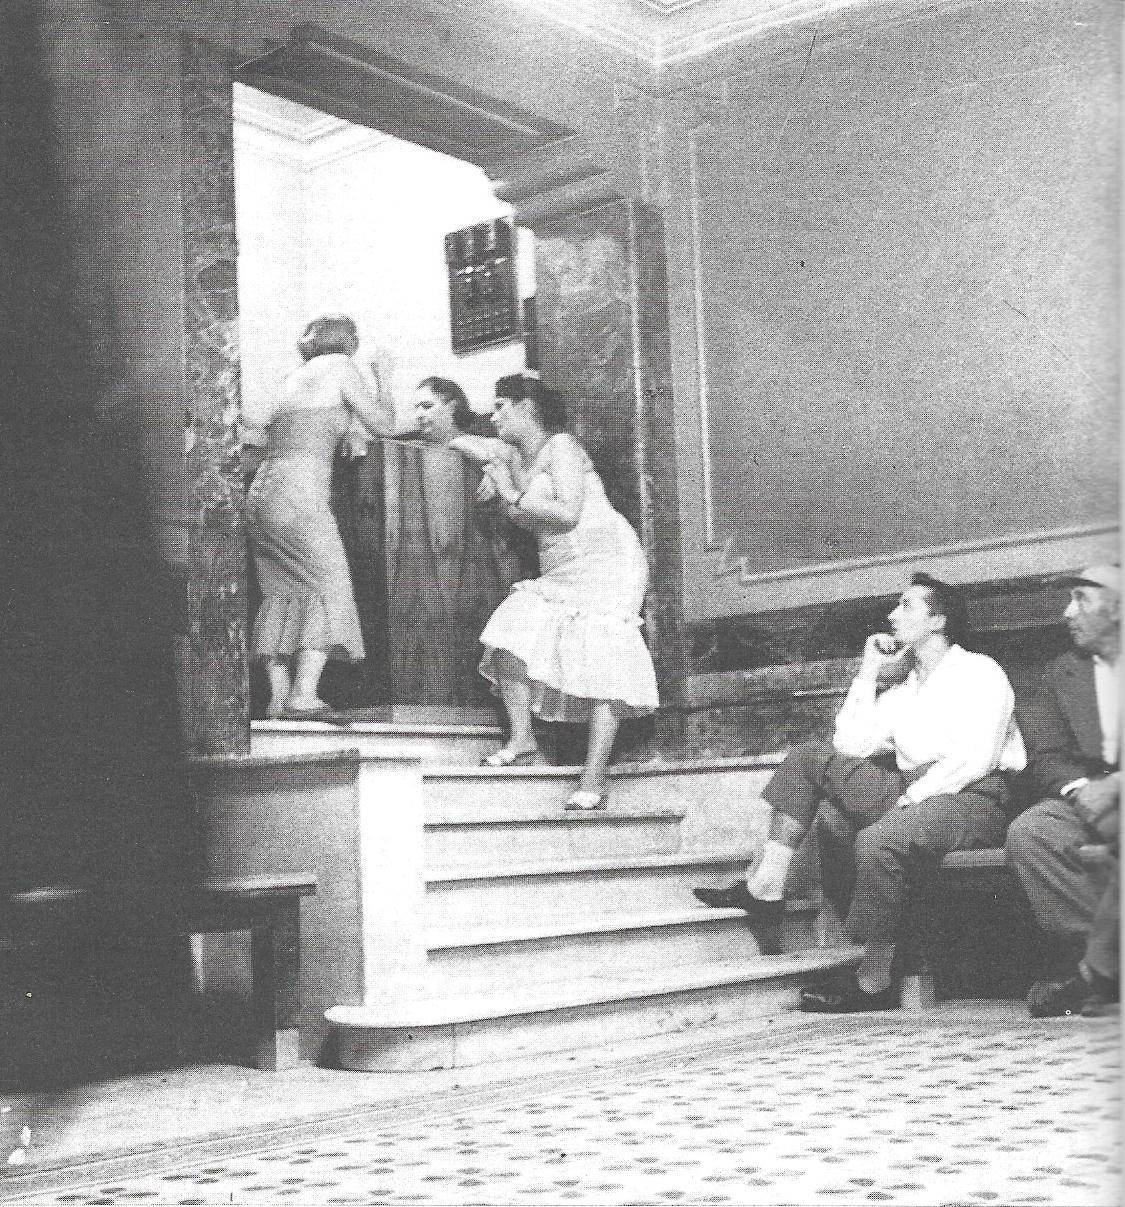 Storie di donne e di poesia storia fotografica dell 39 italia 1 for 1 5 piani artistici della casa di storia